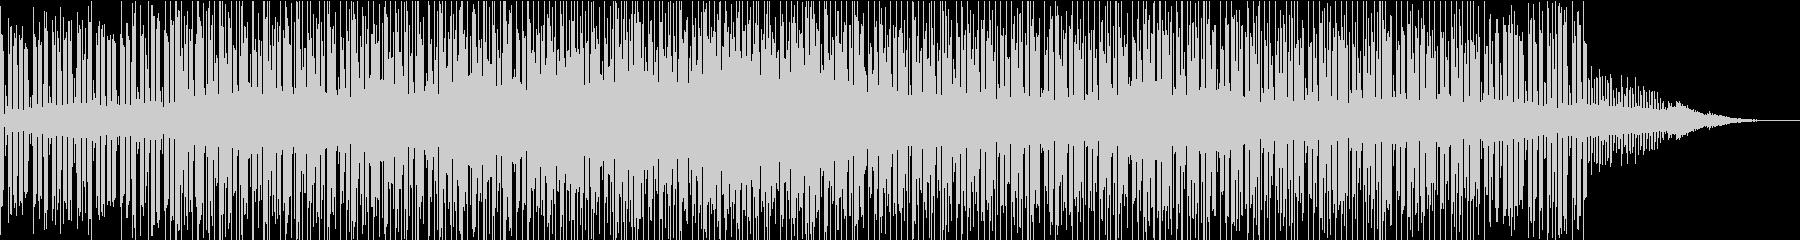 神妙な雰囲気のアンビエント系BGMの未再生の波形